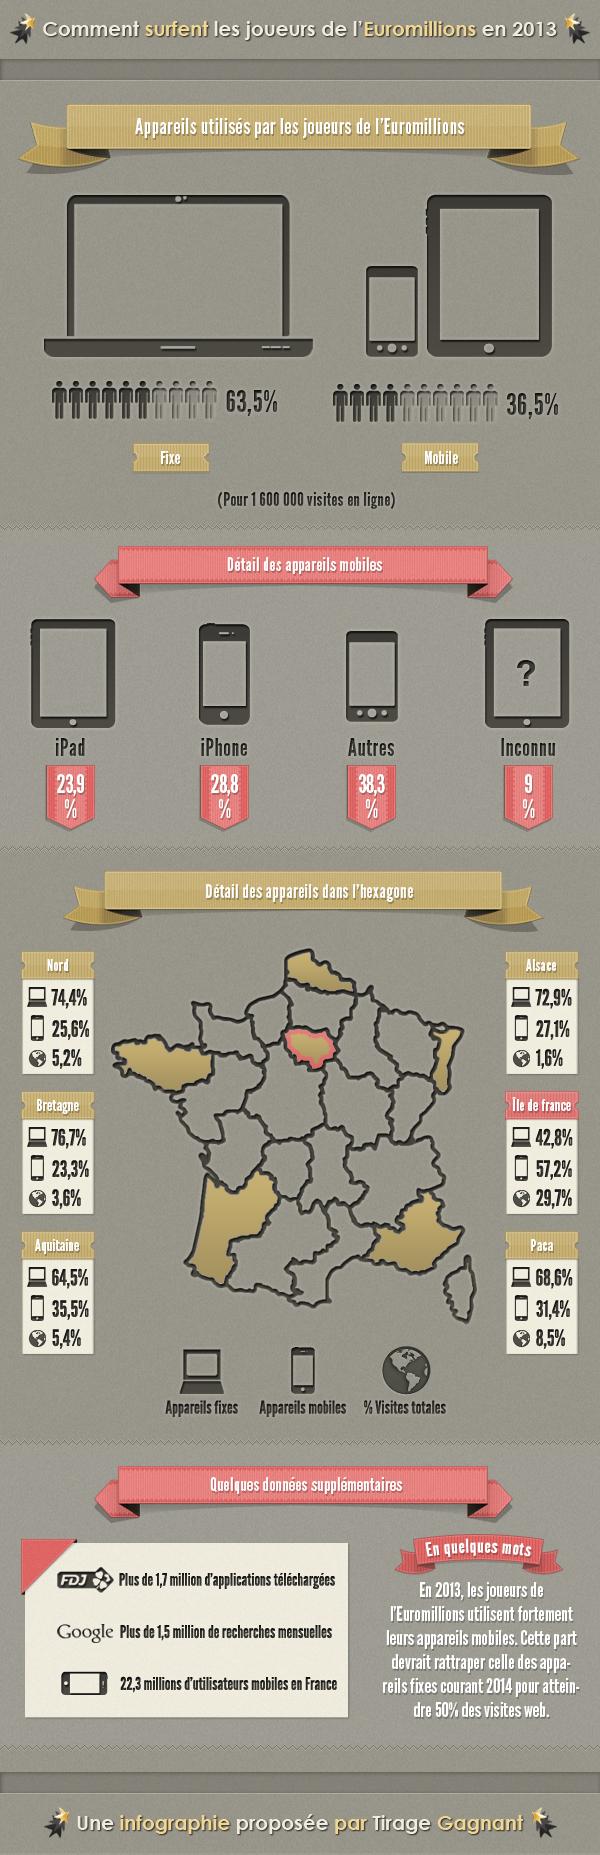 Infographie : quelle part d'utilisation mobile pour les joueurs de l'euromillions ?